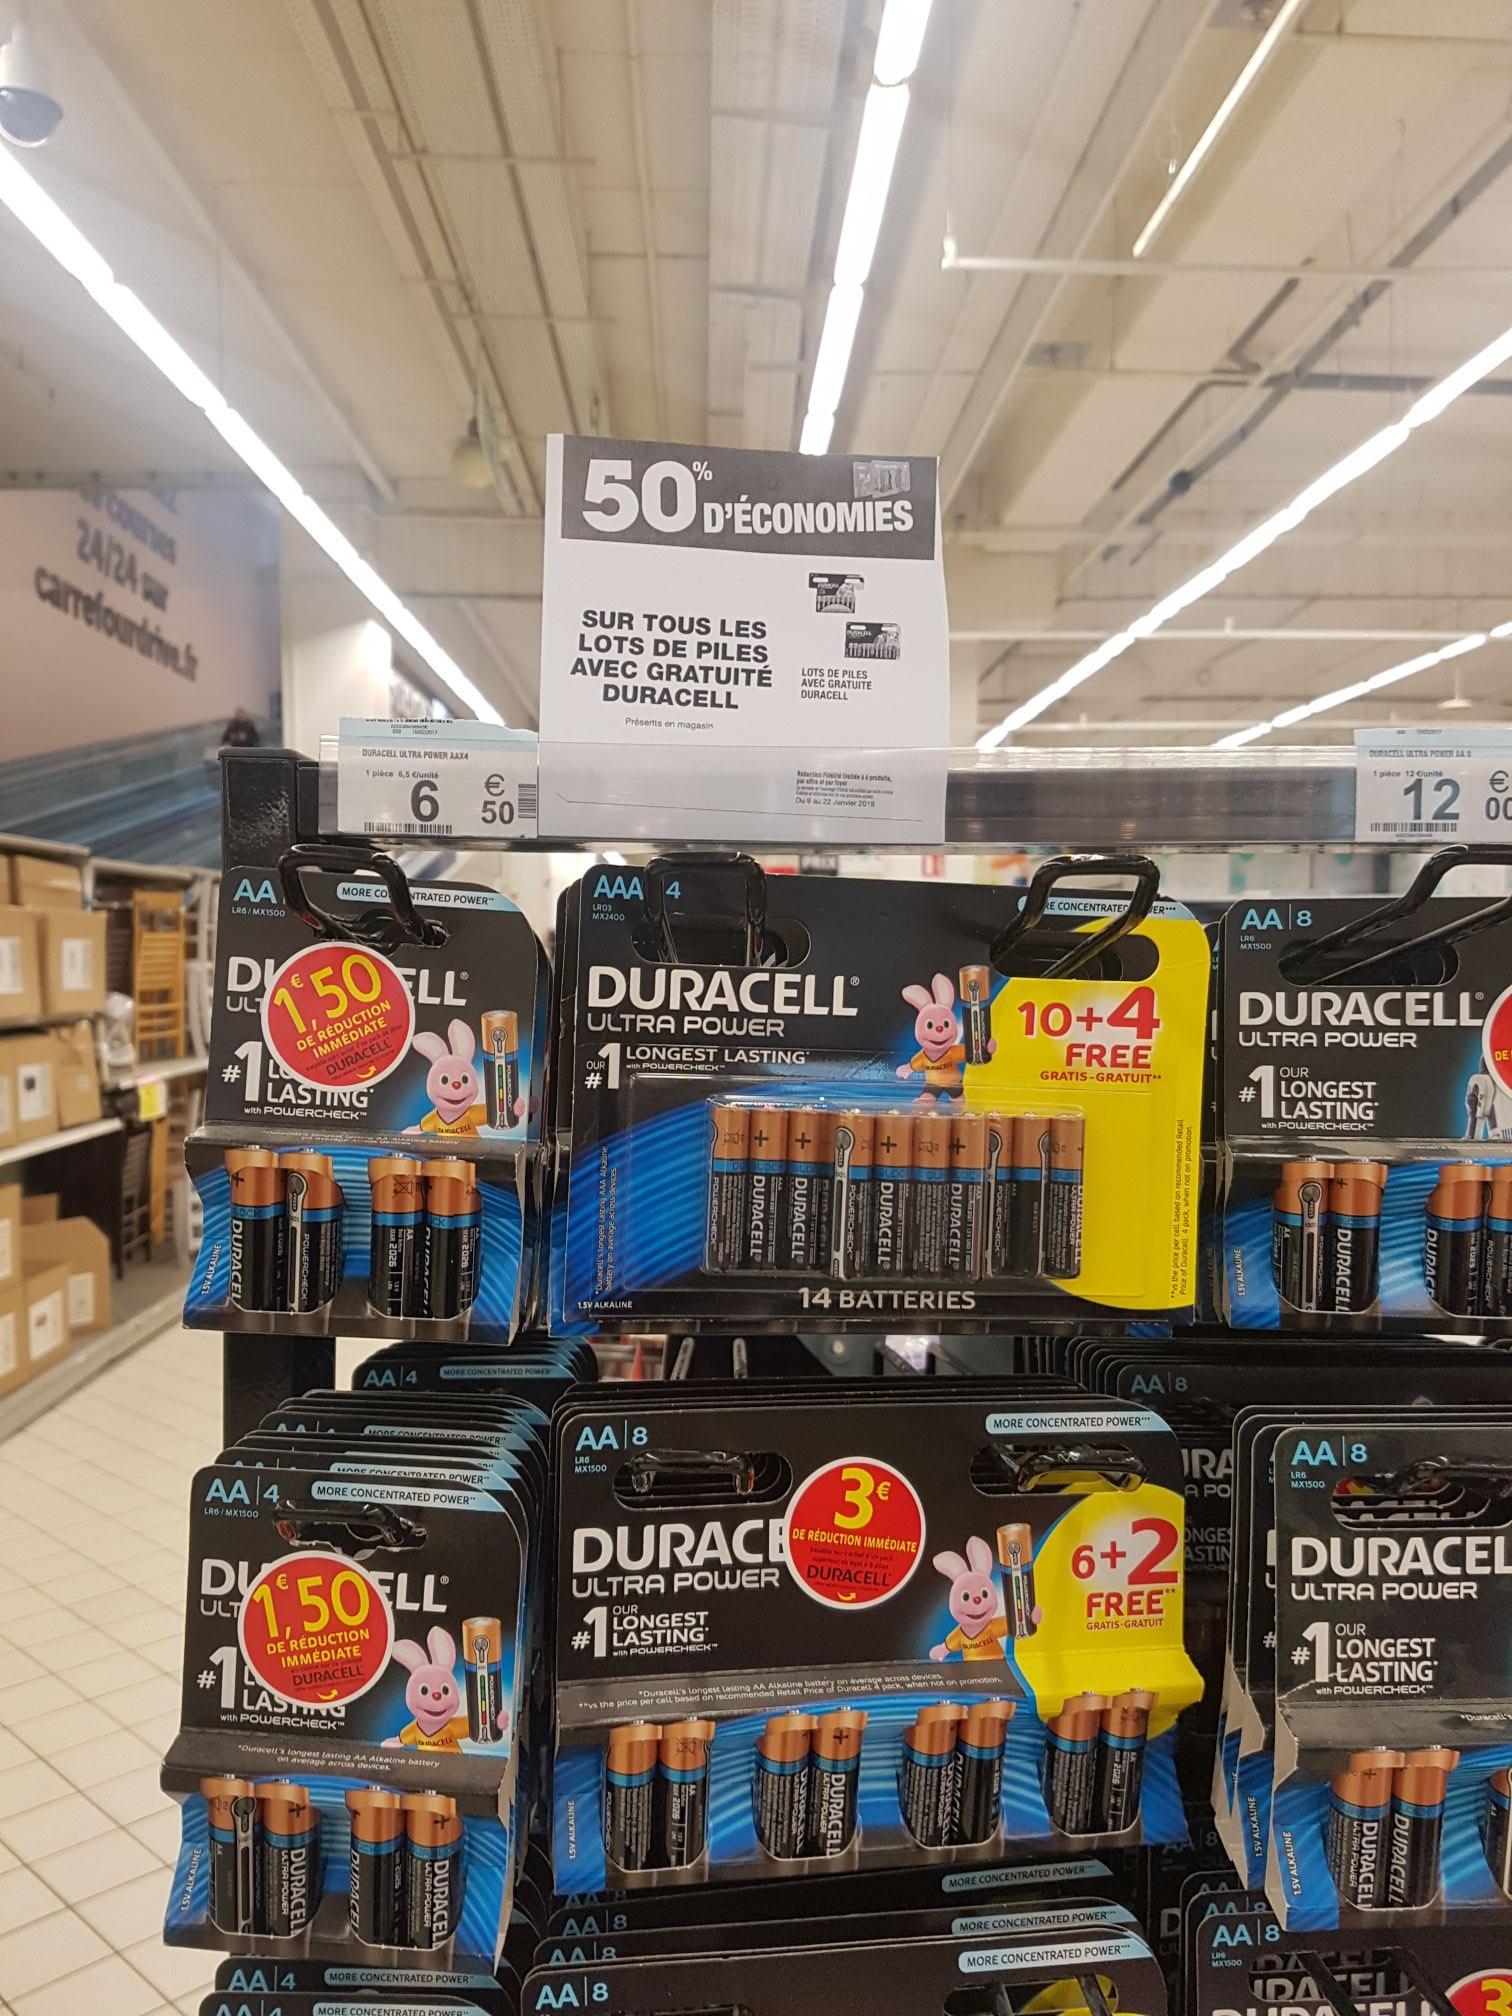 Lot de 8 piles Duracell AA (via 4.45€ sur la carte + BDR de 3€) - Carré Sénart (77)